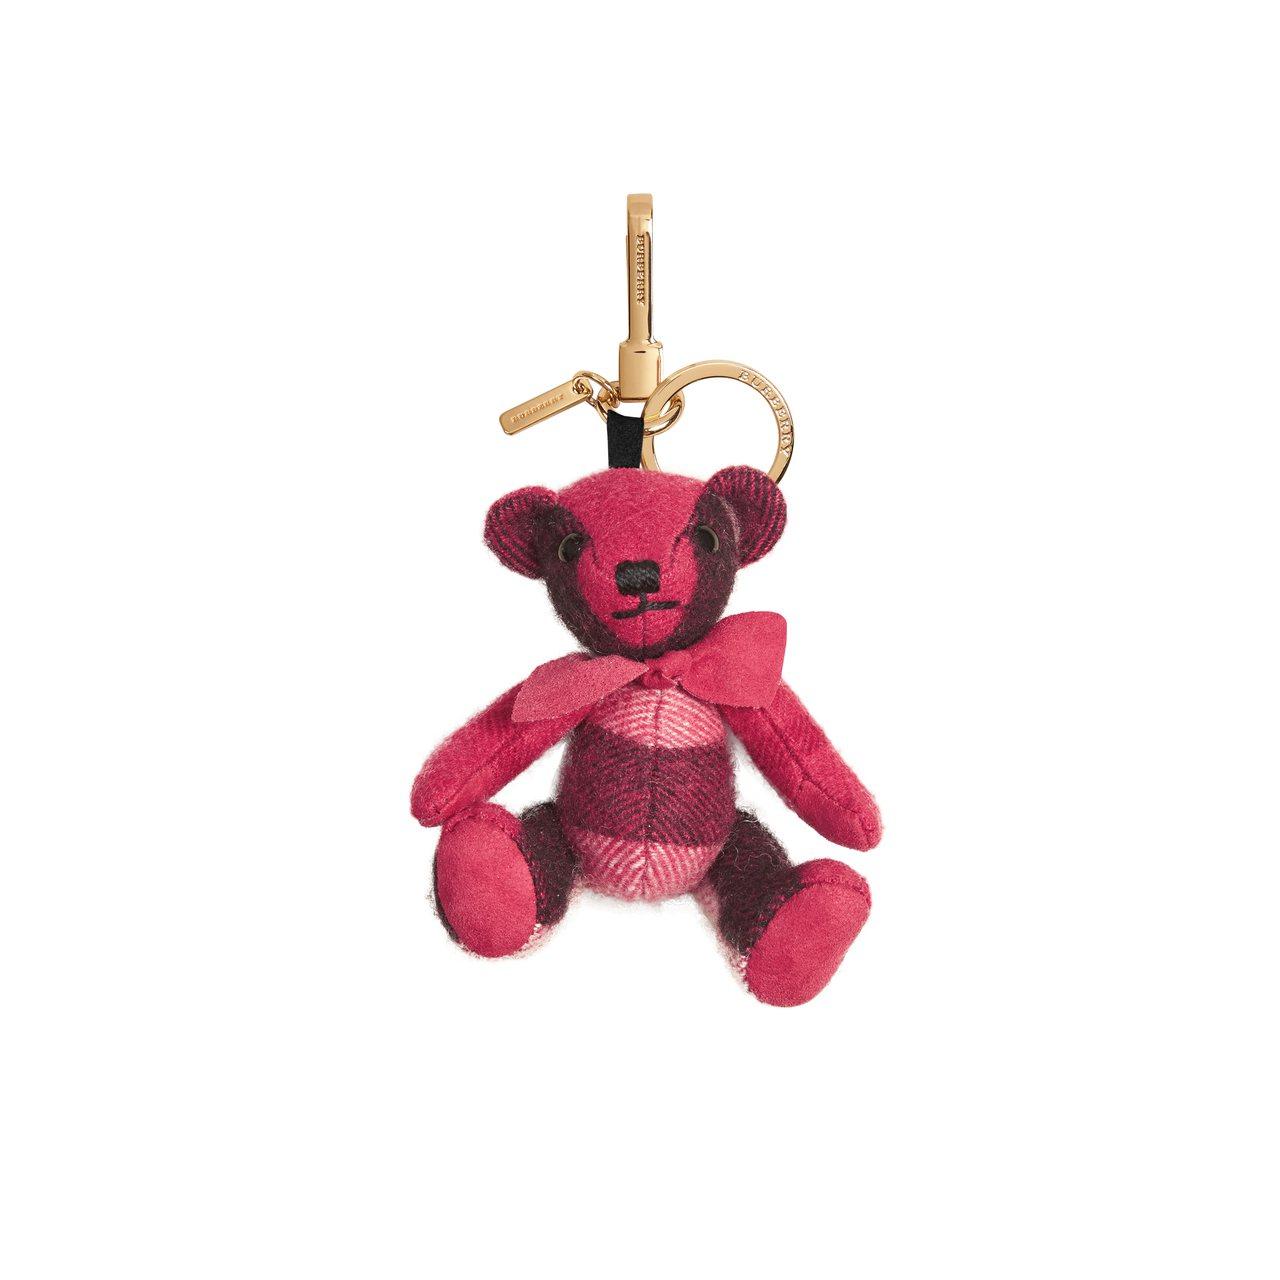 粉紅色格紋喀什米爾 Thomas 泰迪熊墜飾,5,000元。圖/Burberry提供